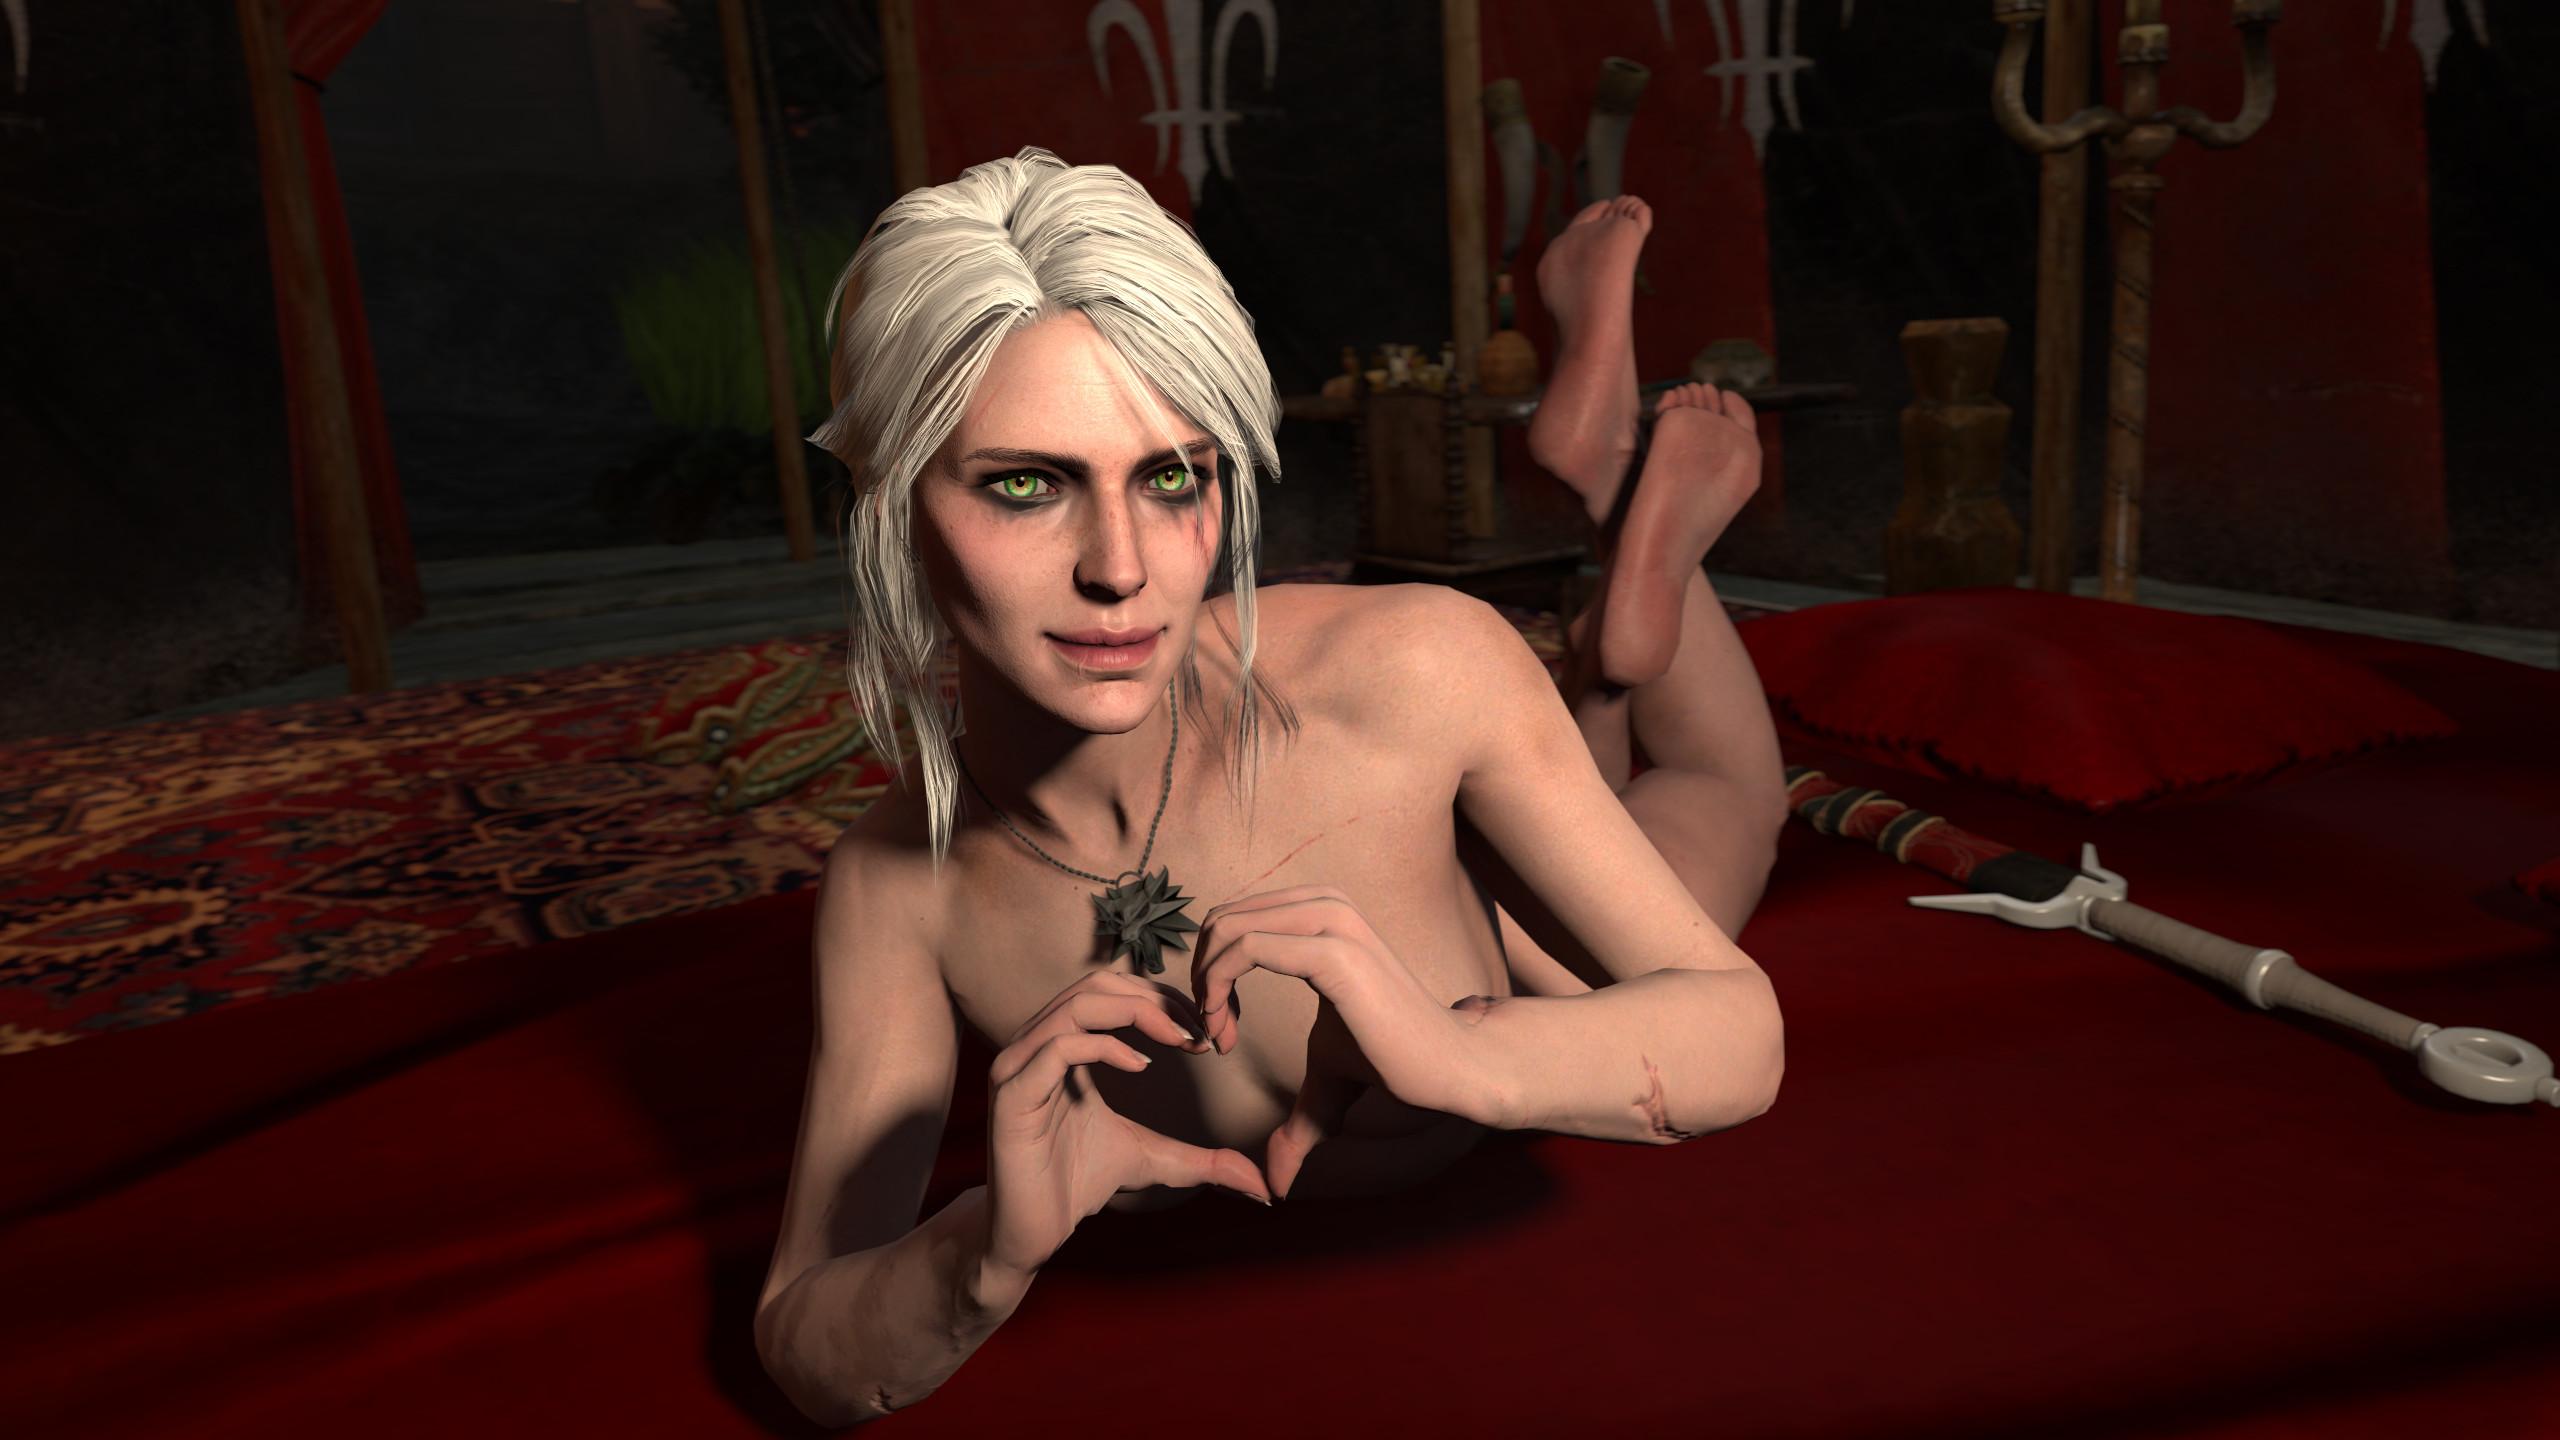 Amateur Porn Custome The Witcher the witcher 3 porn - xxxpicss